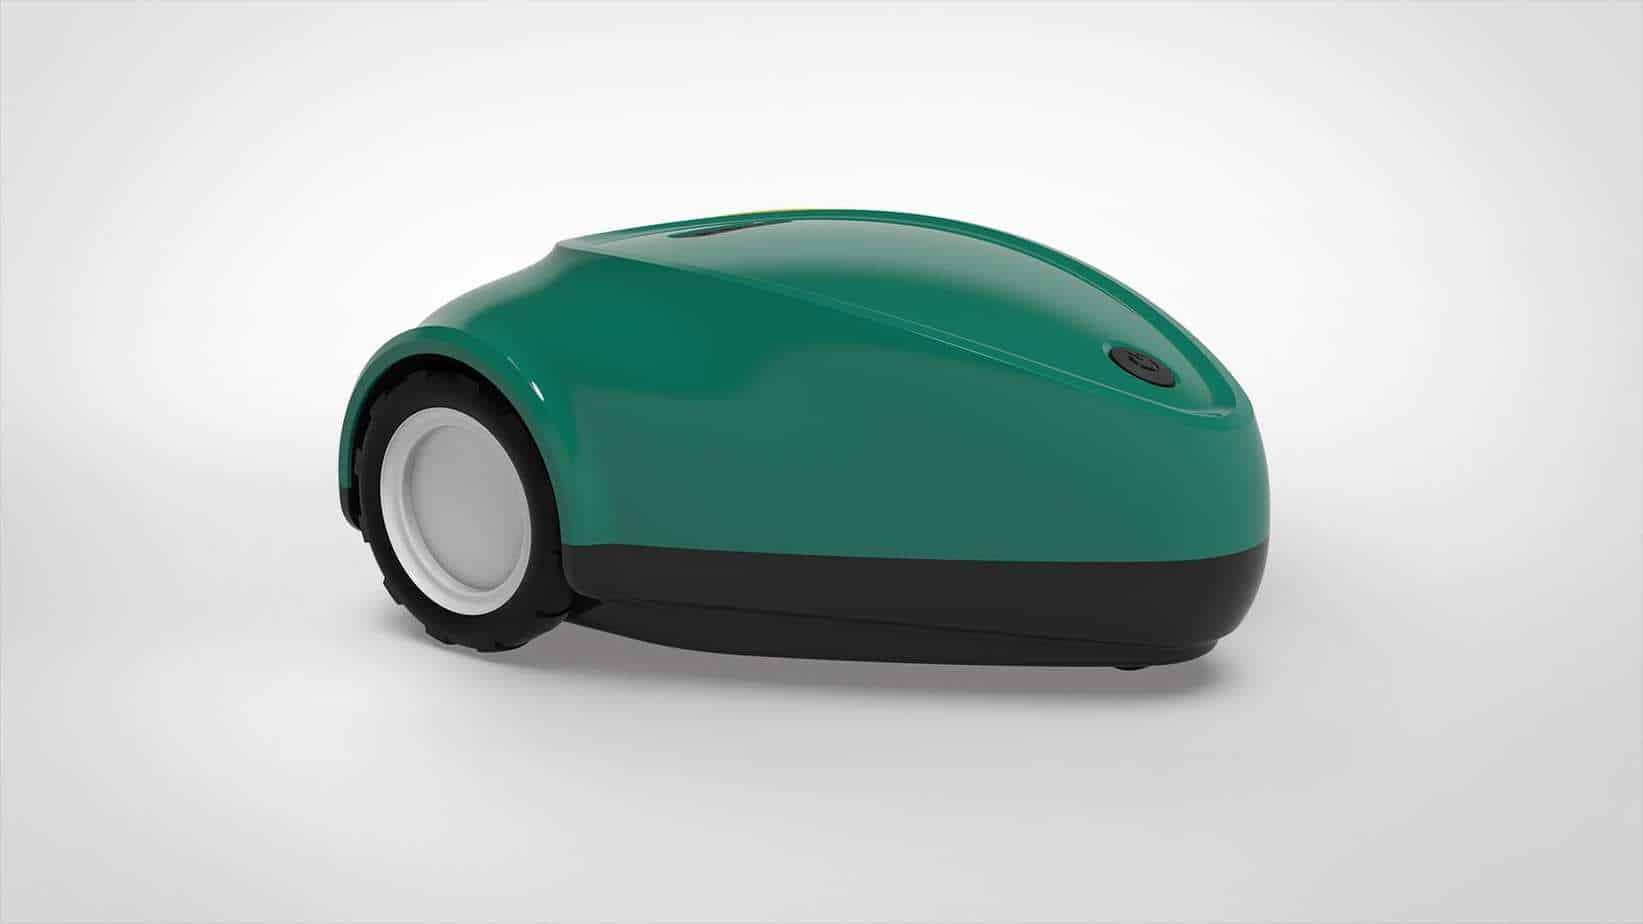 SmartMow gps robotic lawn mower